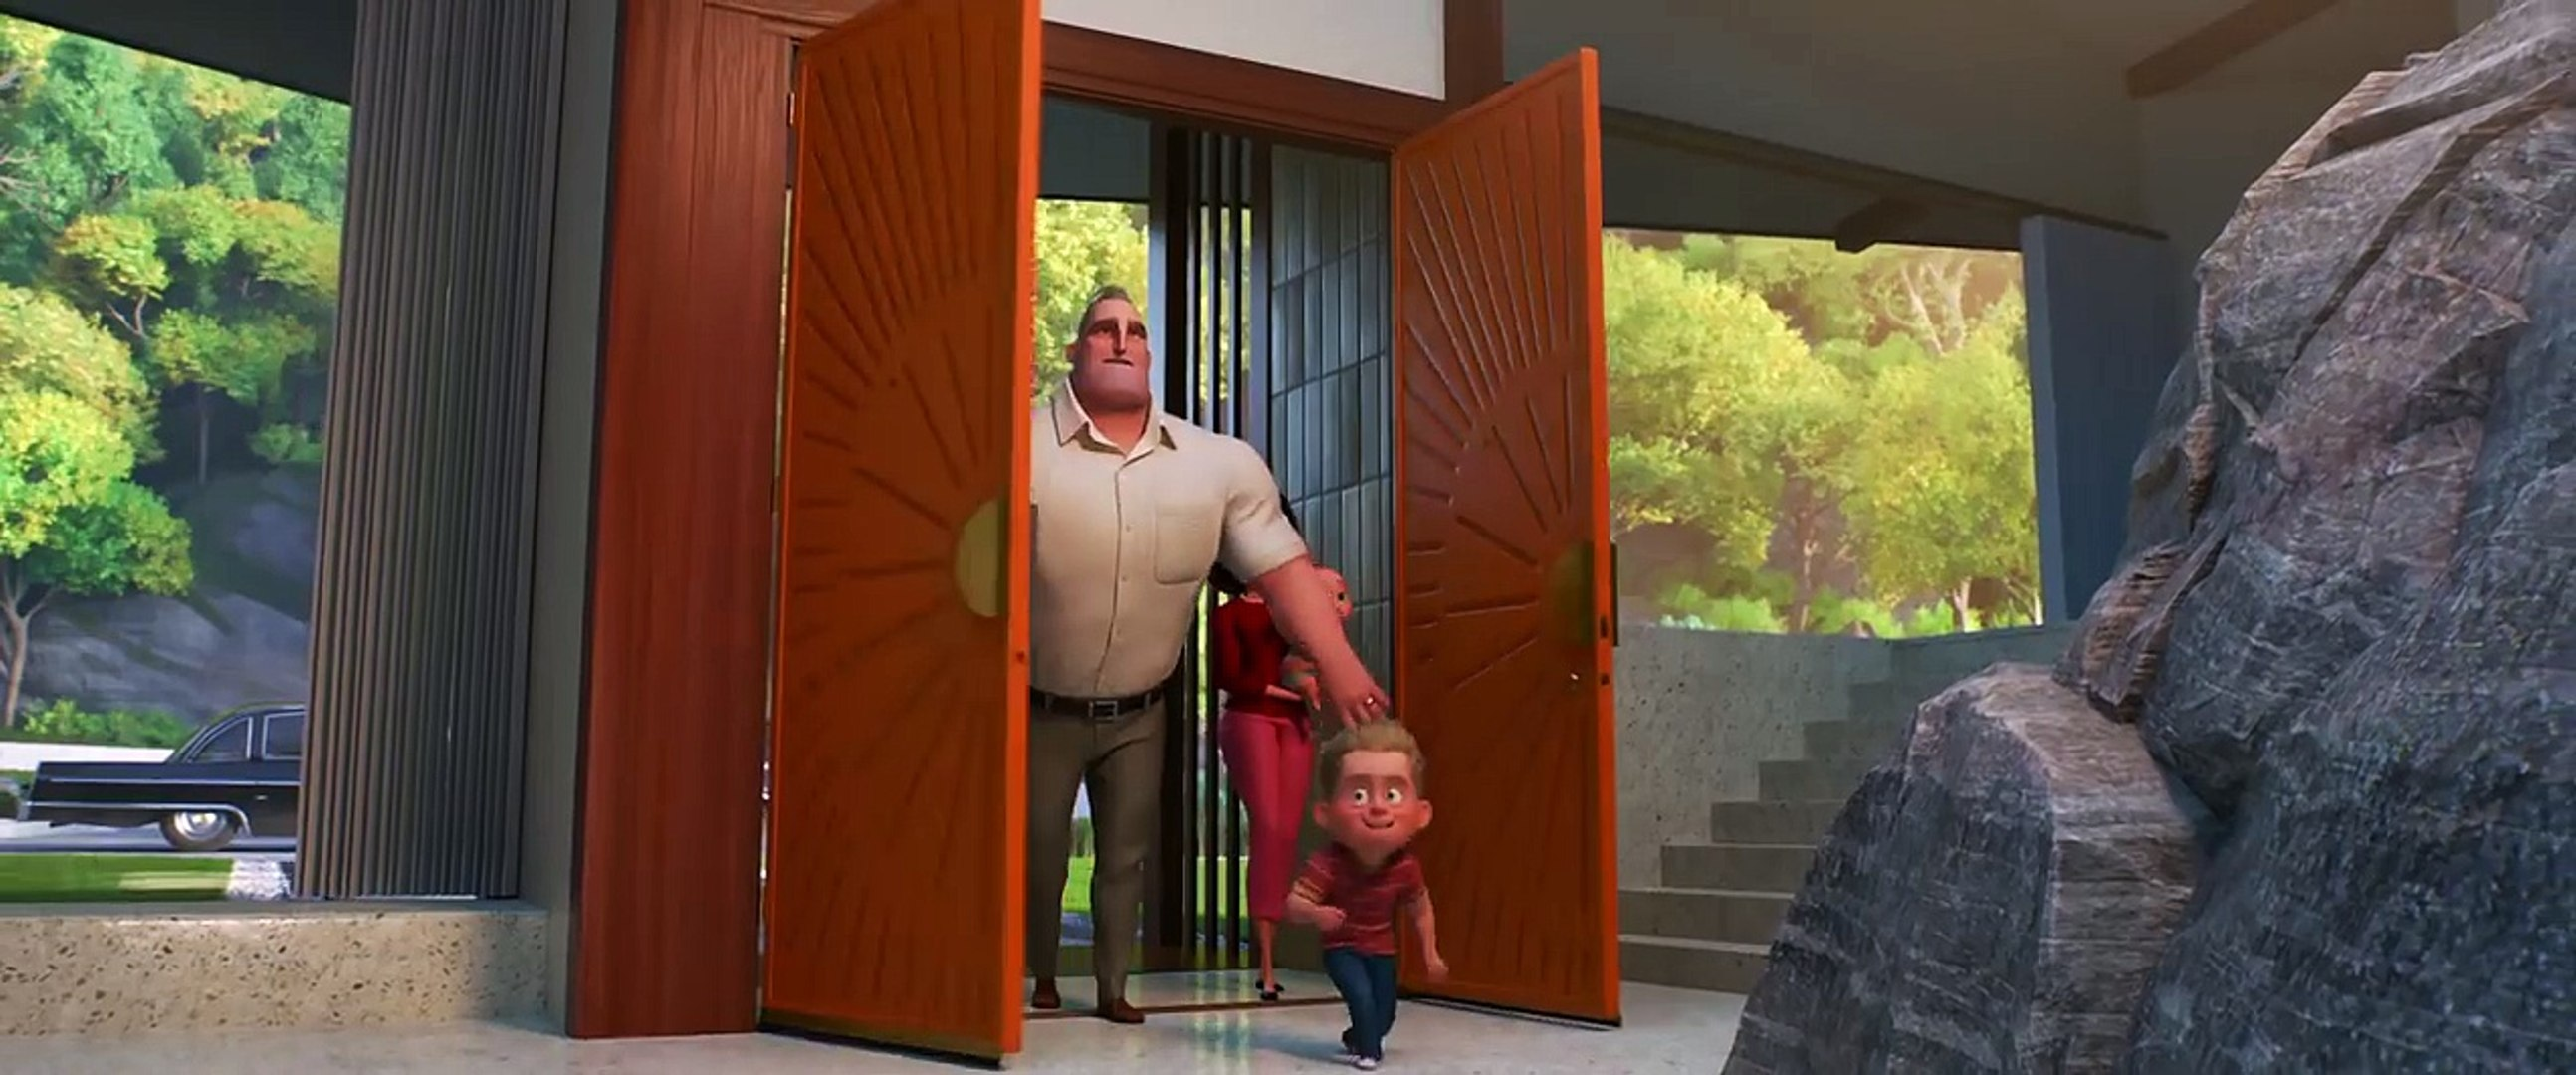 The Incredibles 2 / İnanılmaz Aile 2 - Türkçe Dublajlı Fragman #2   22 AĞUSTOS'TA SİNEMALARDA